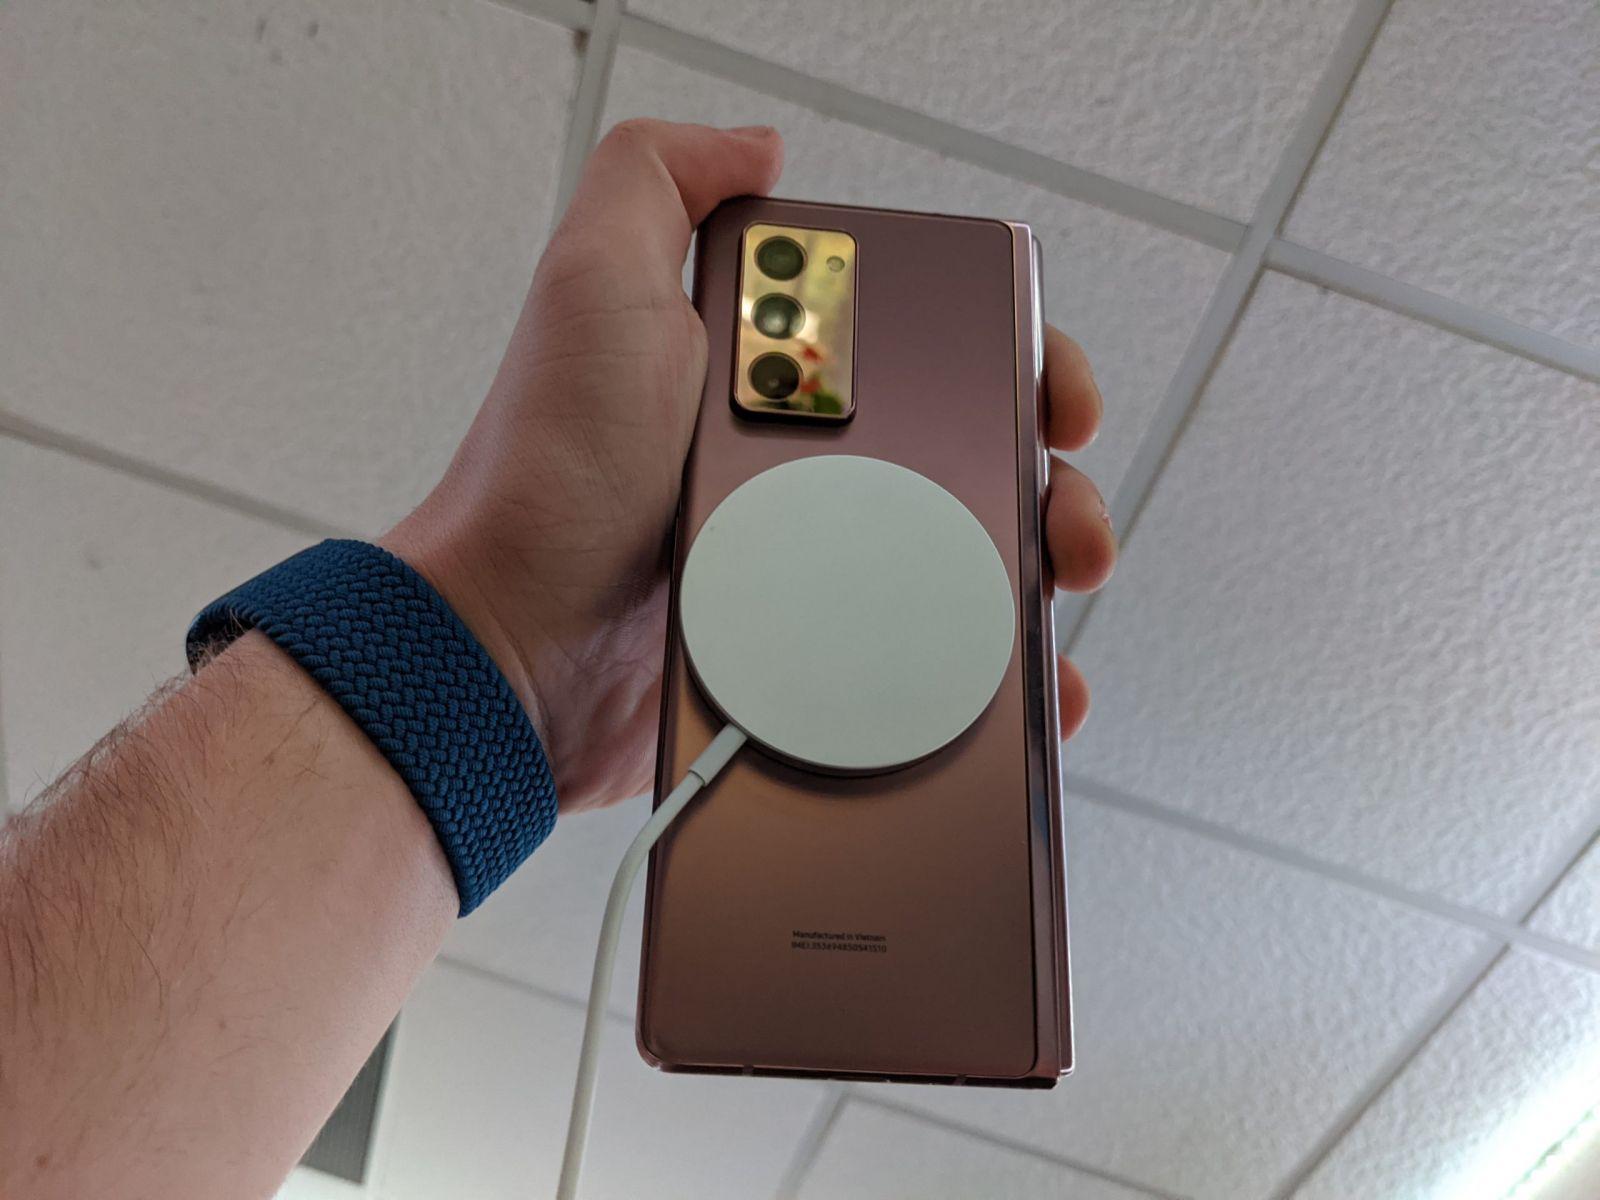 Новое зарядное устройство Apple MagSafe работает на Samsung Galaxy Z Fold 2 (PXL 20201019 211842521 scaled 1)